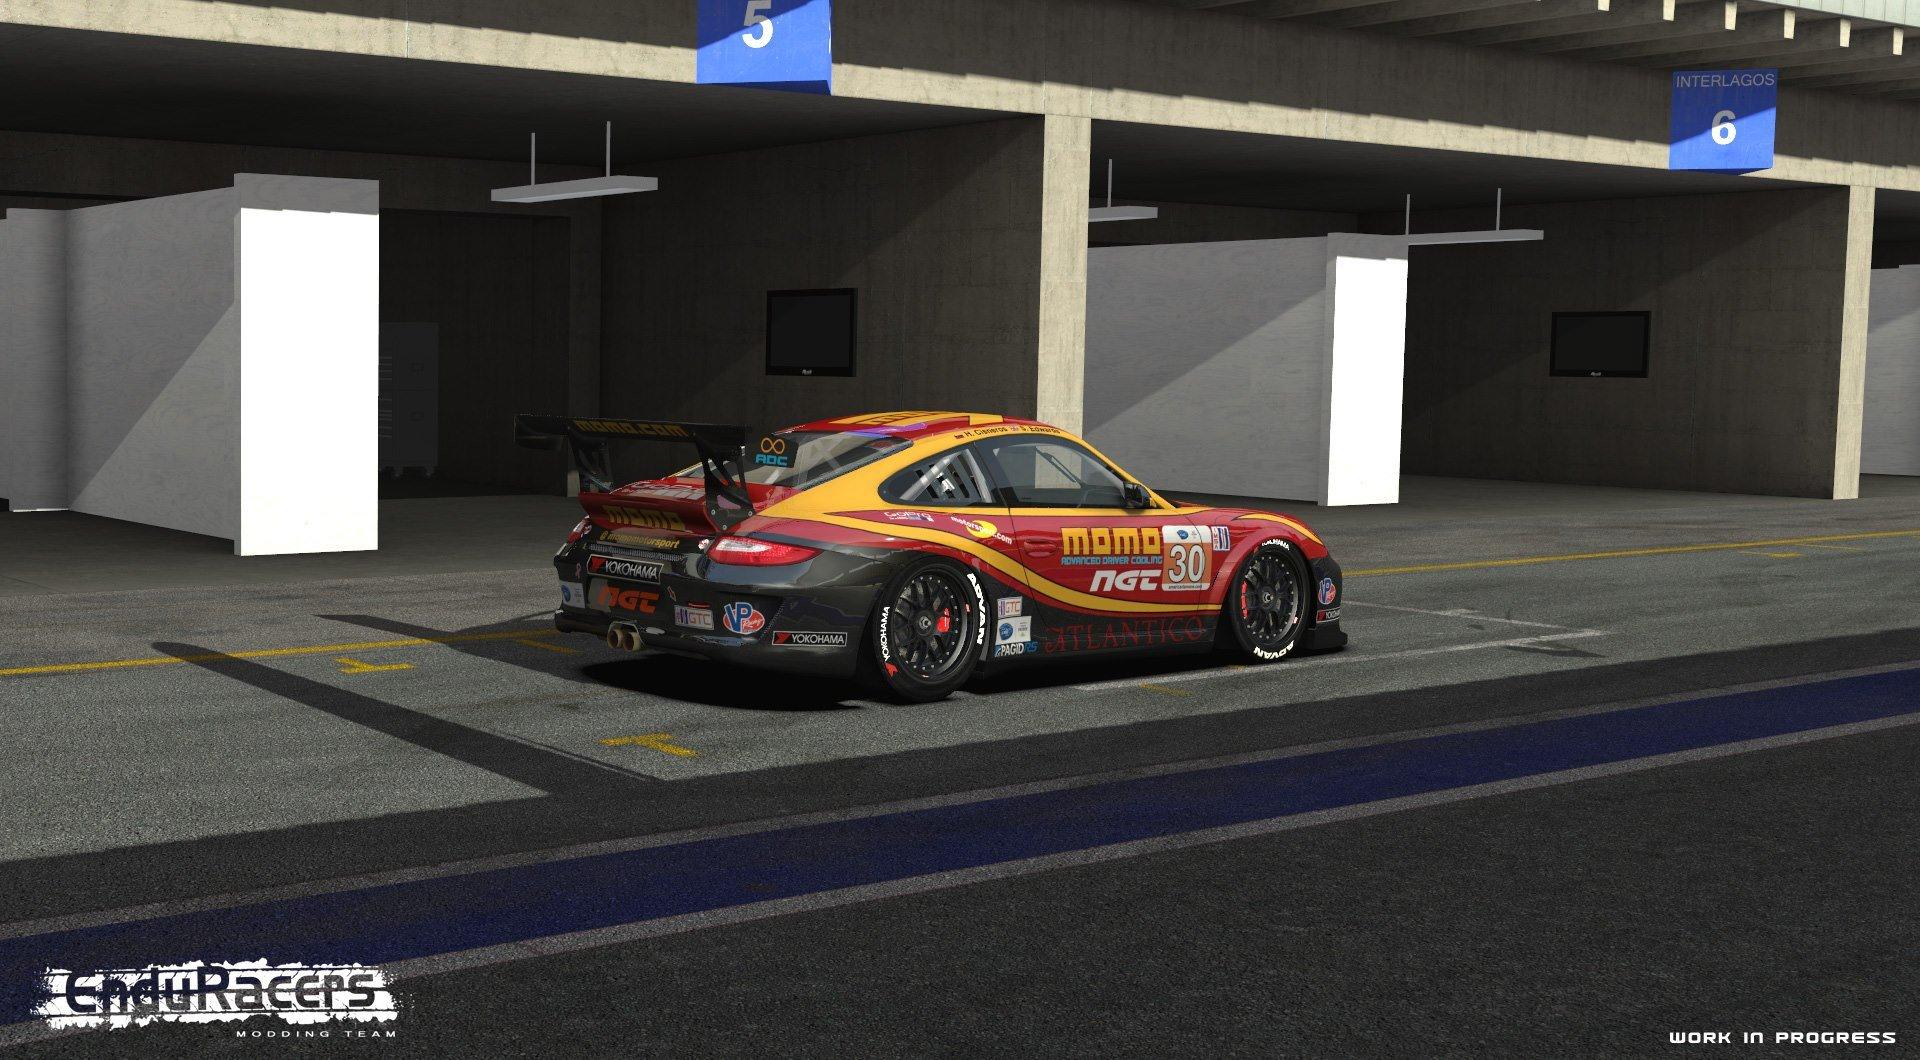 Endurance Series Rfactor 2 Mod Breaks Cover Inside Sim Racing